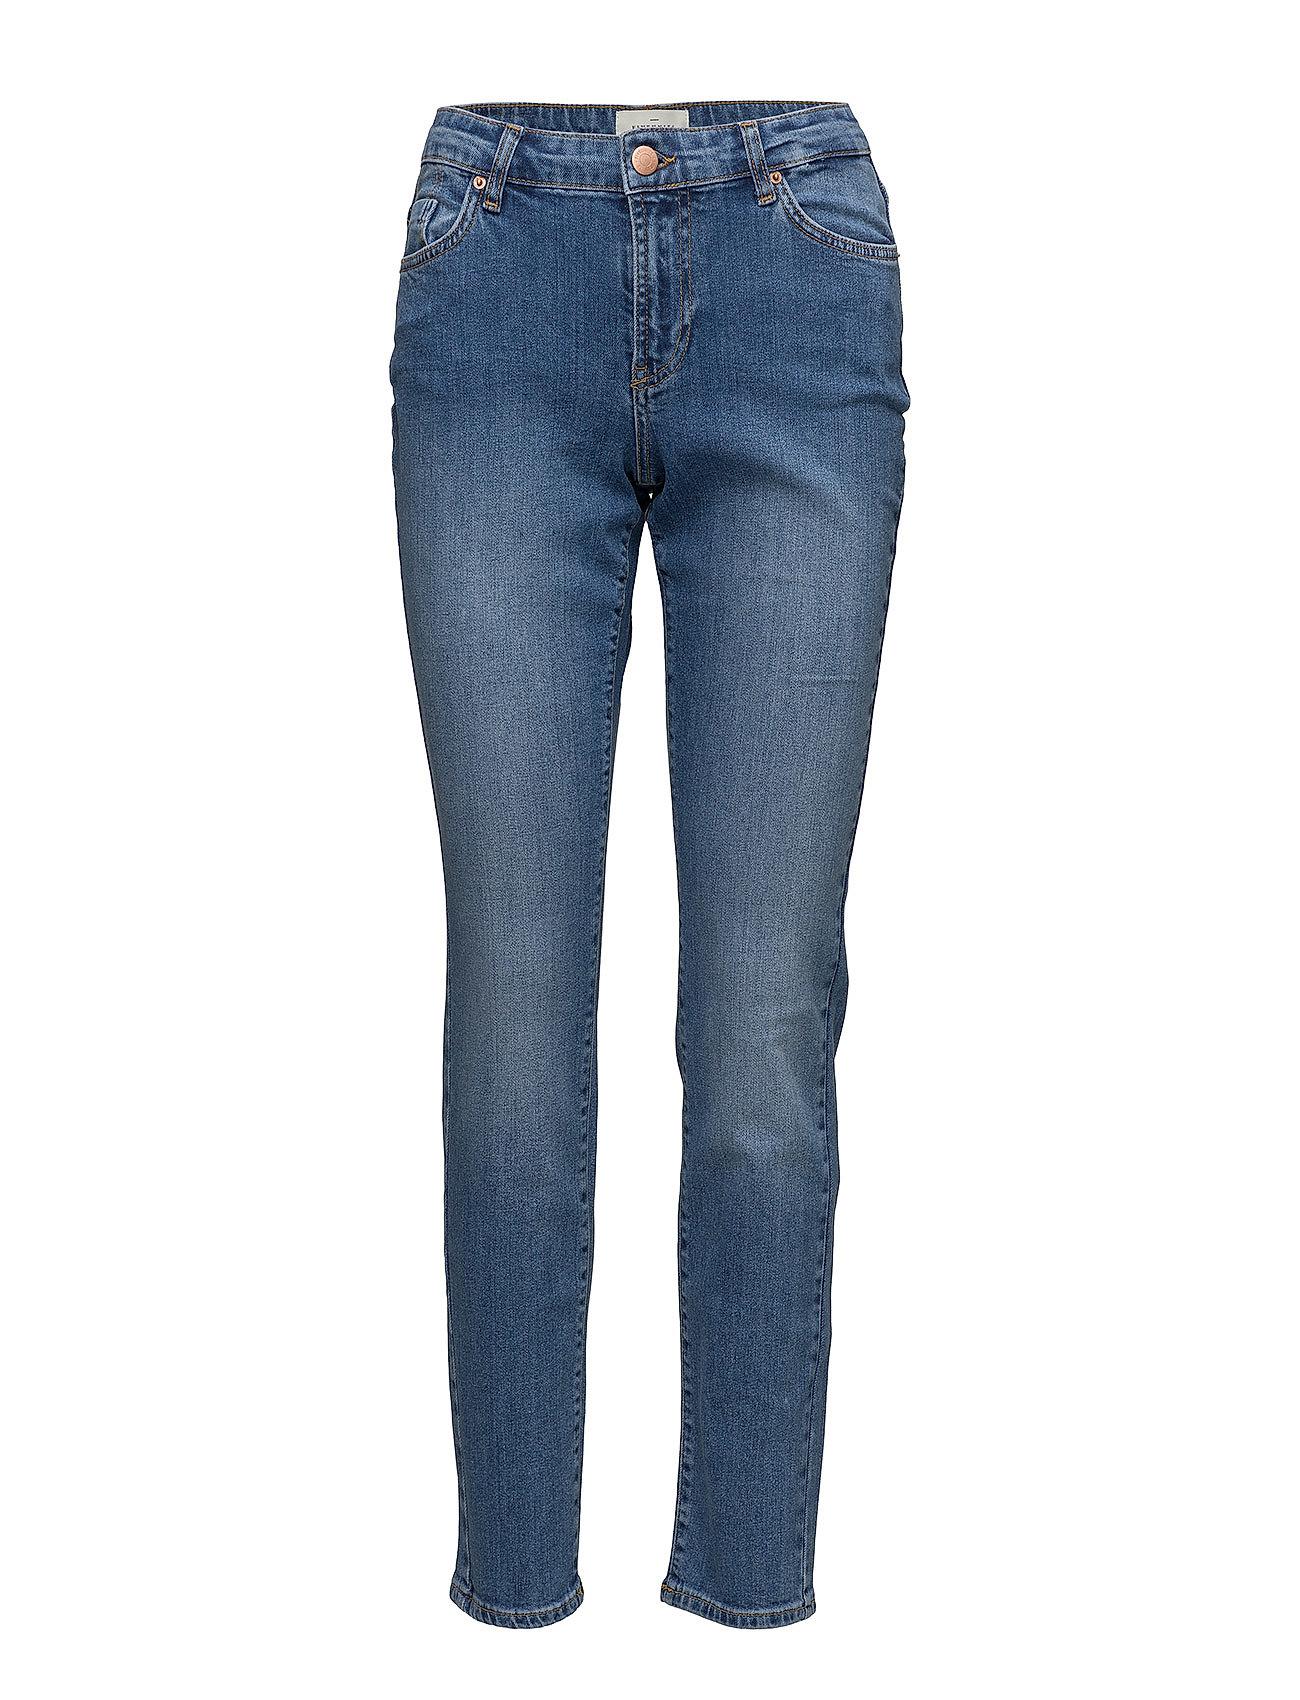 FIVEUNITS Lou 100 Chicago Blue, Jeans